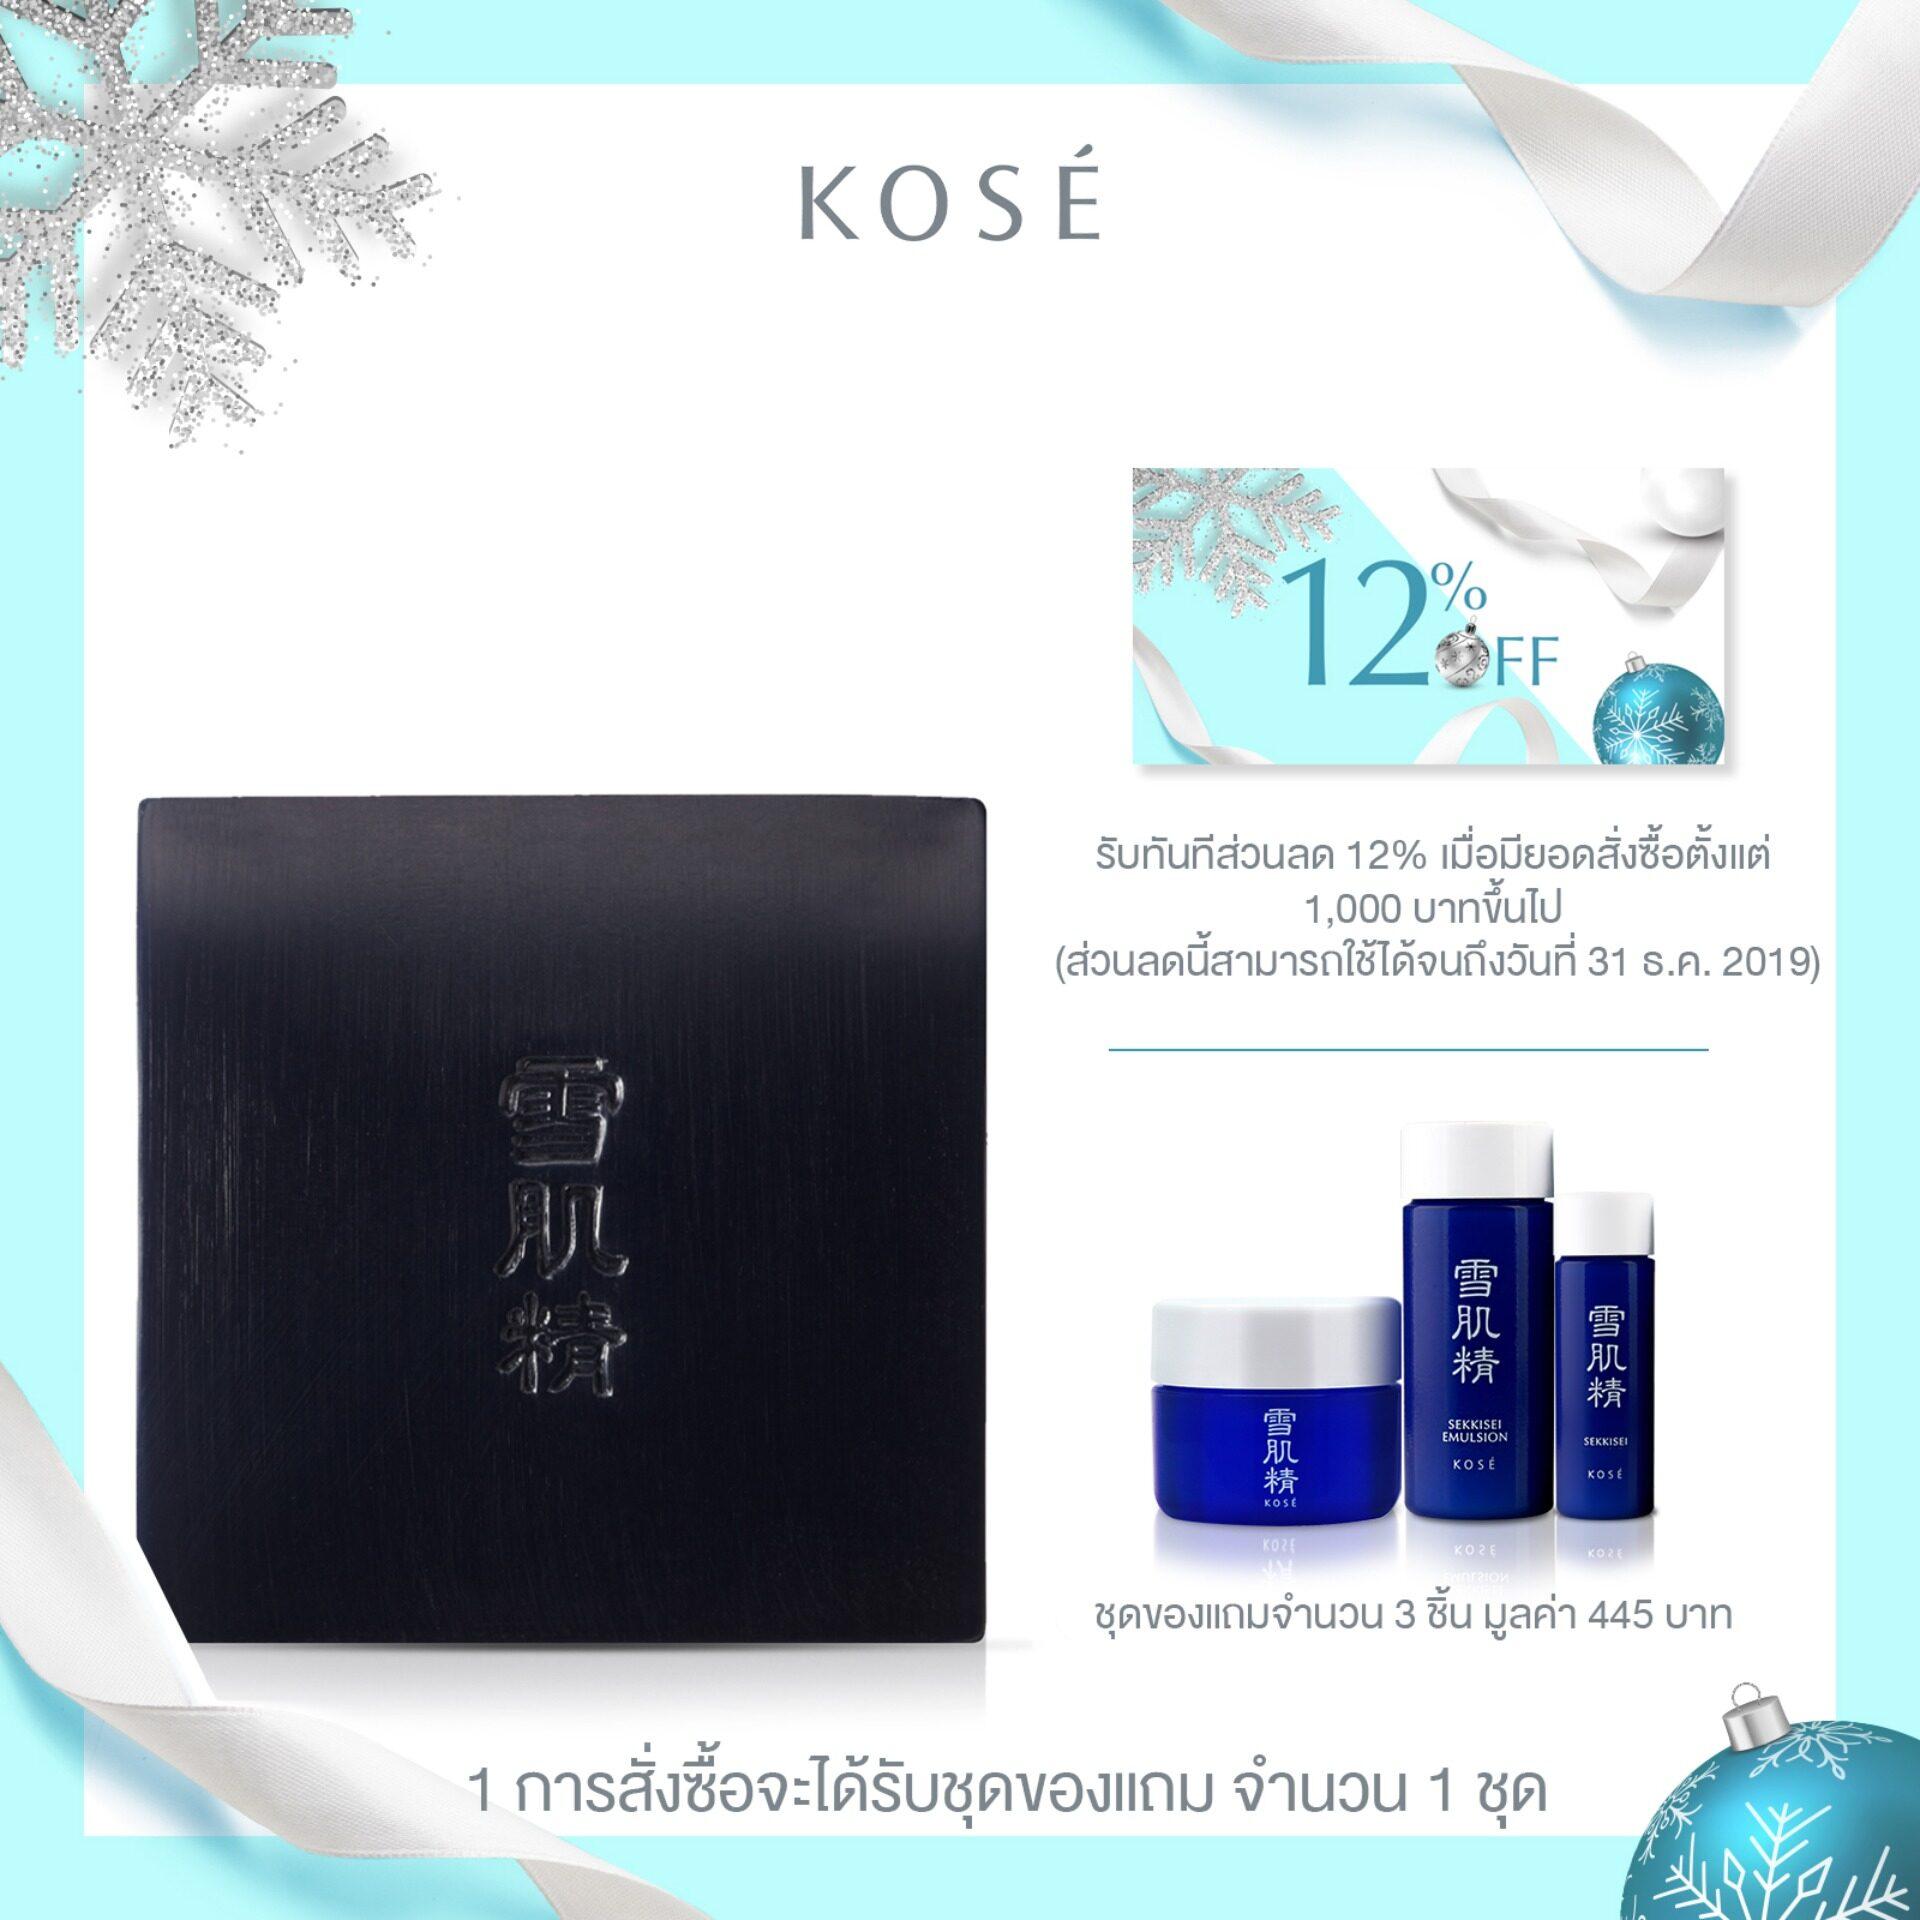 ซื้อที่ไหน KOSE SEKKISEI CLEAR FACIAL SOAP (REFILL) สบู่ล้างหน้า (รีฟิล)